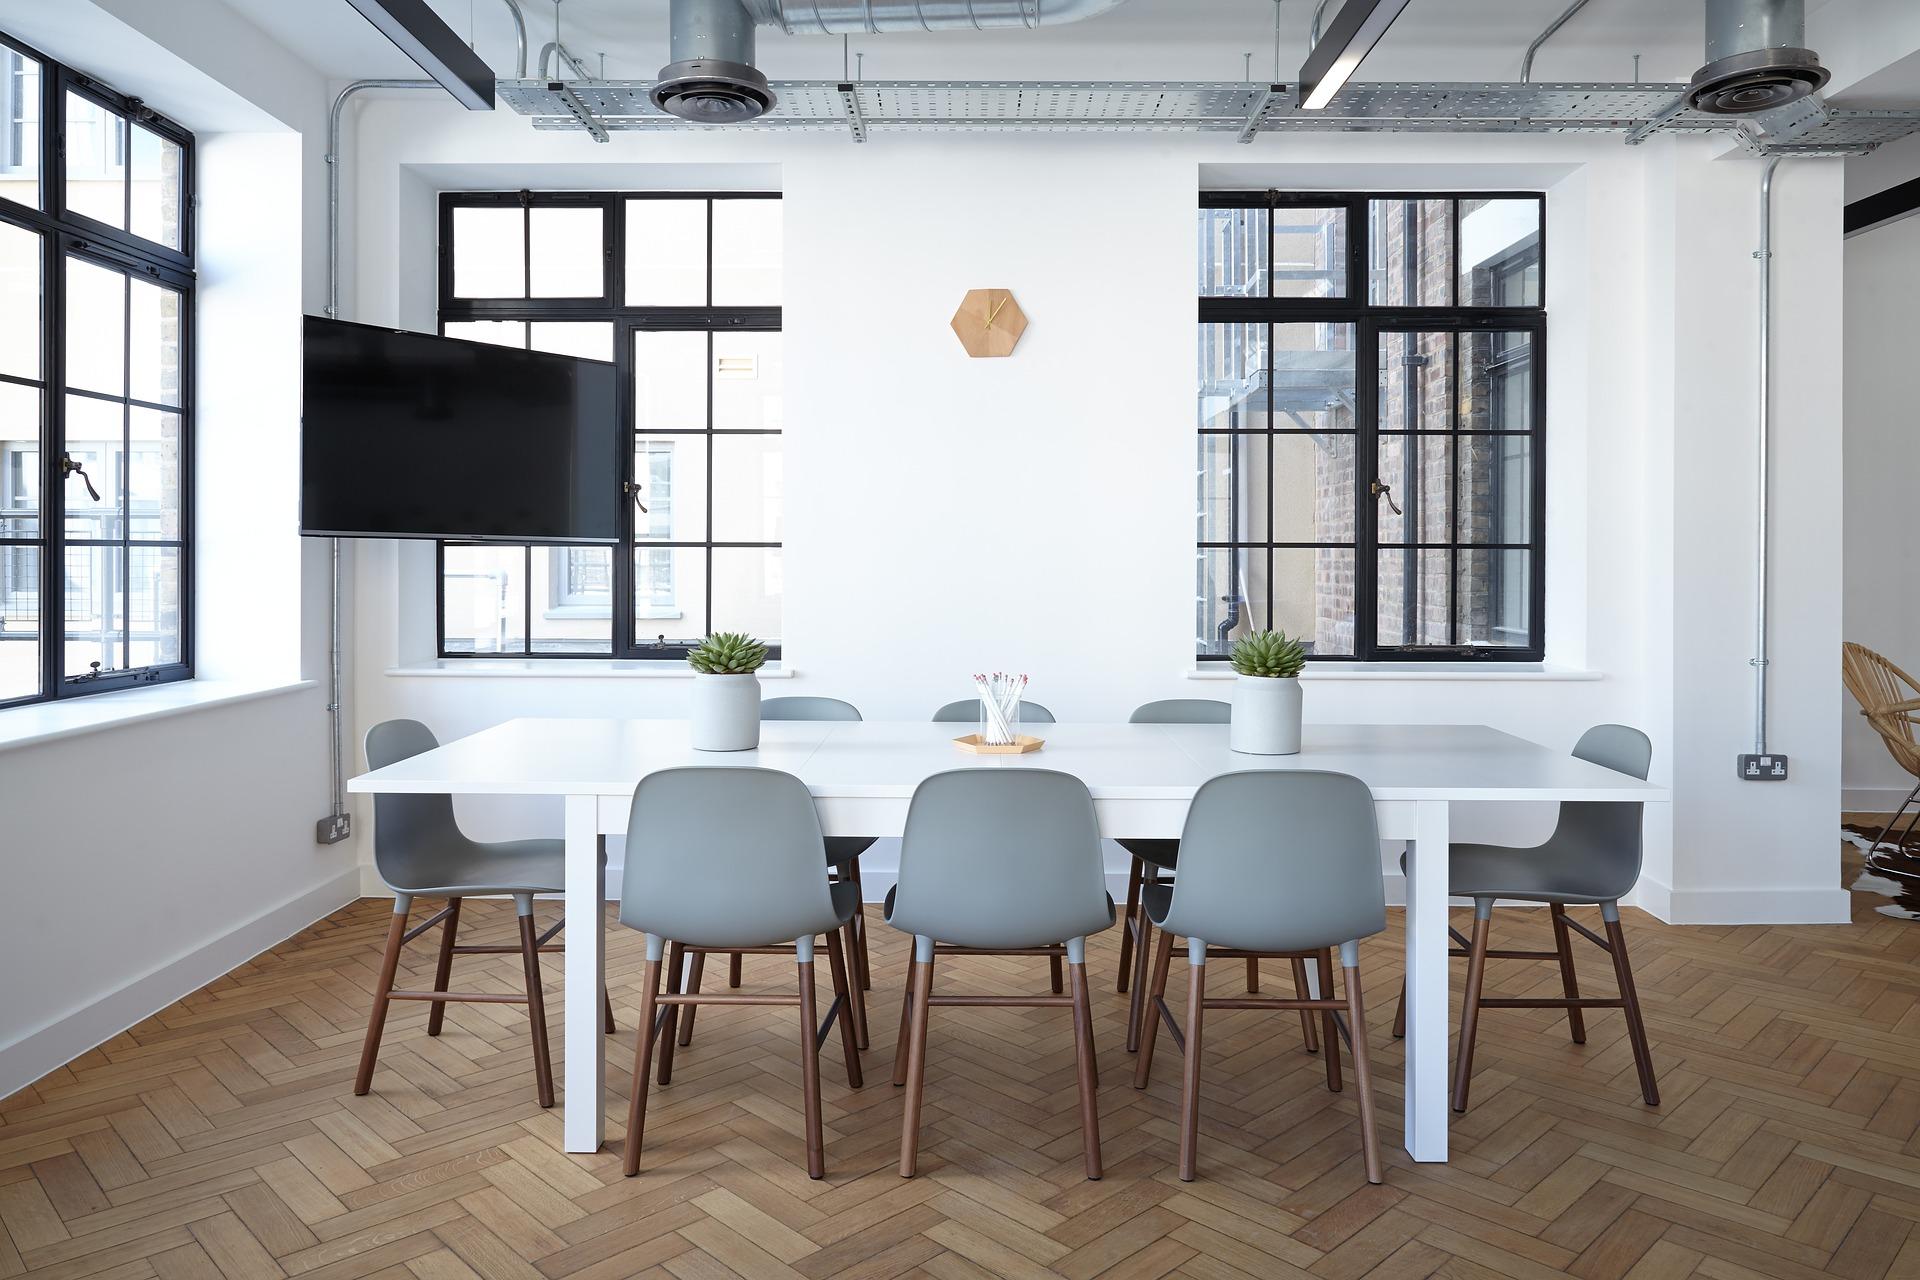 , Comment prendre des photos d'intérieur pour une agence immobilière ? 7 astuces simples, Gabriel GORGI, Gabriel GORGI